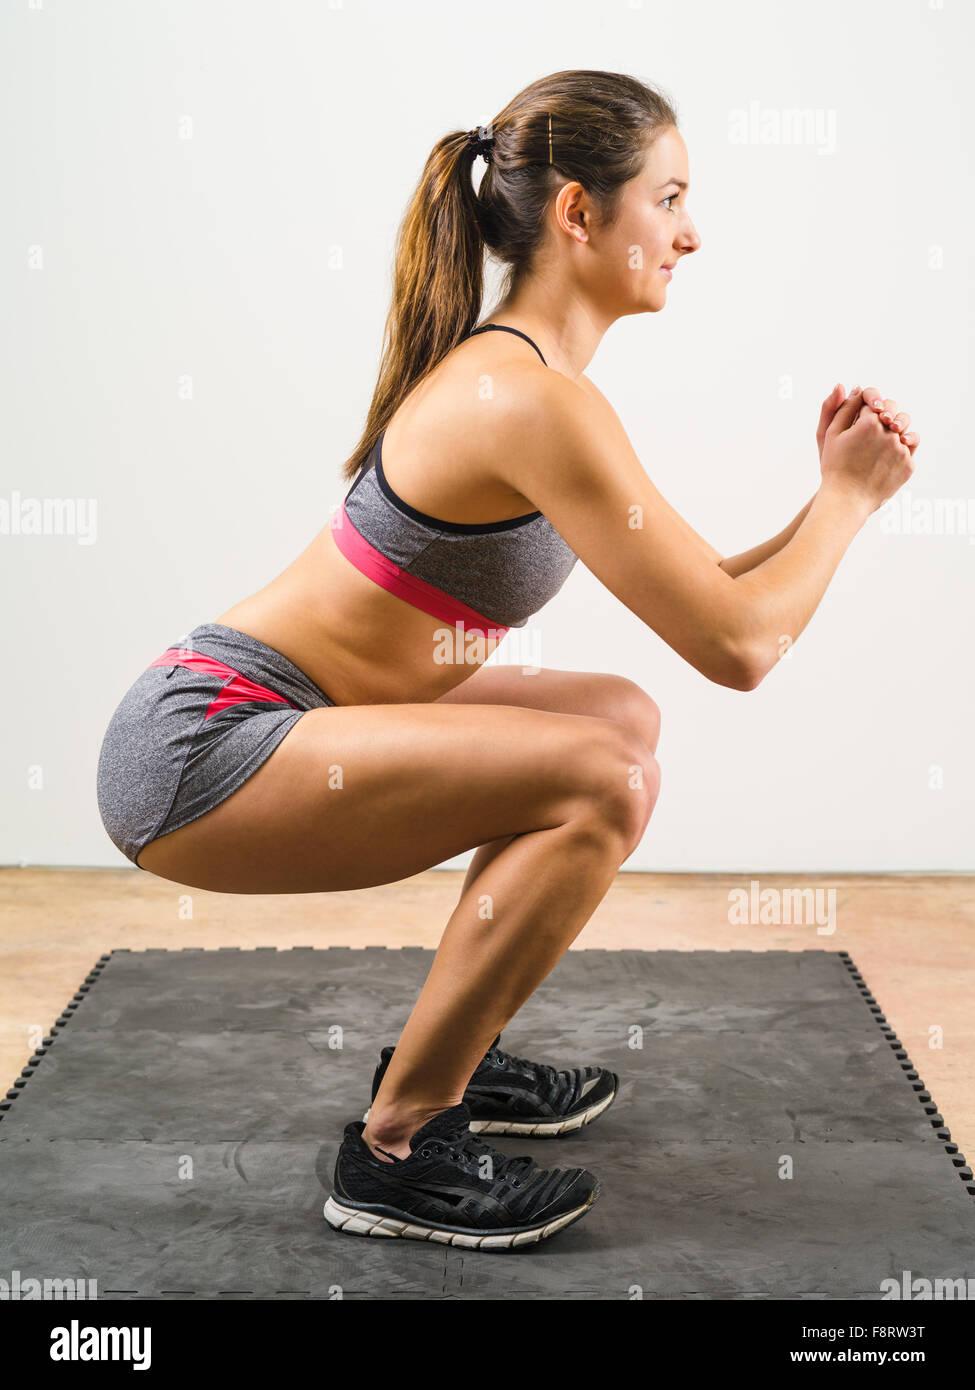 Foto einer jungen Frau trainieren und dabei eine isometrische hocken auf einer schwarzen Bodenmatte. Stockbild